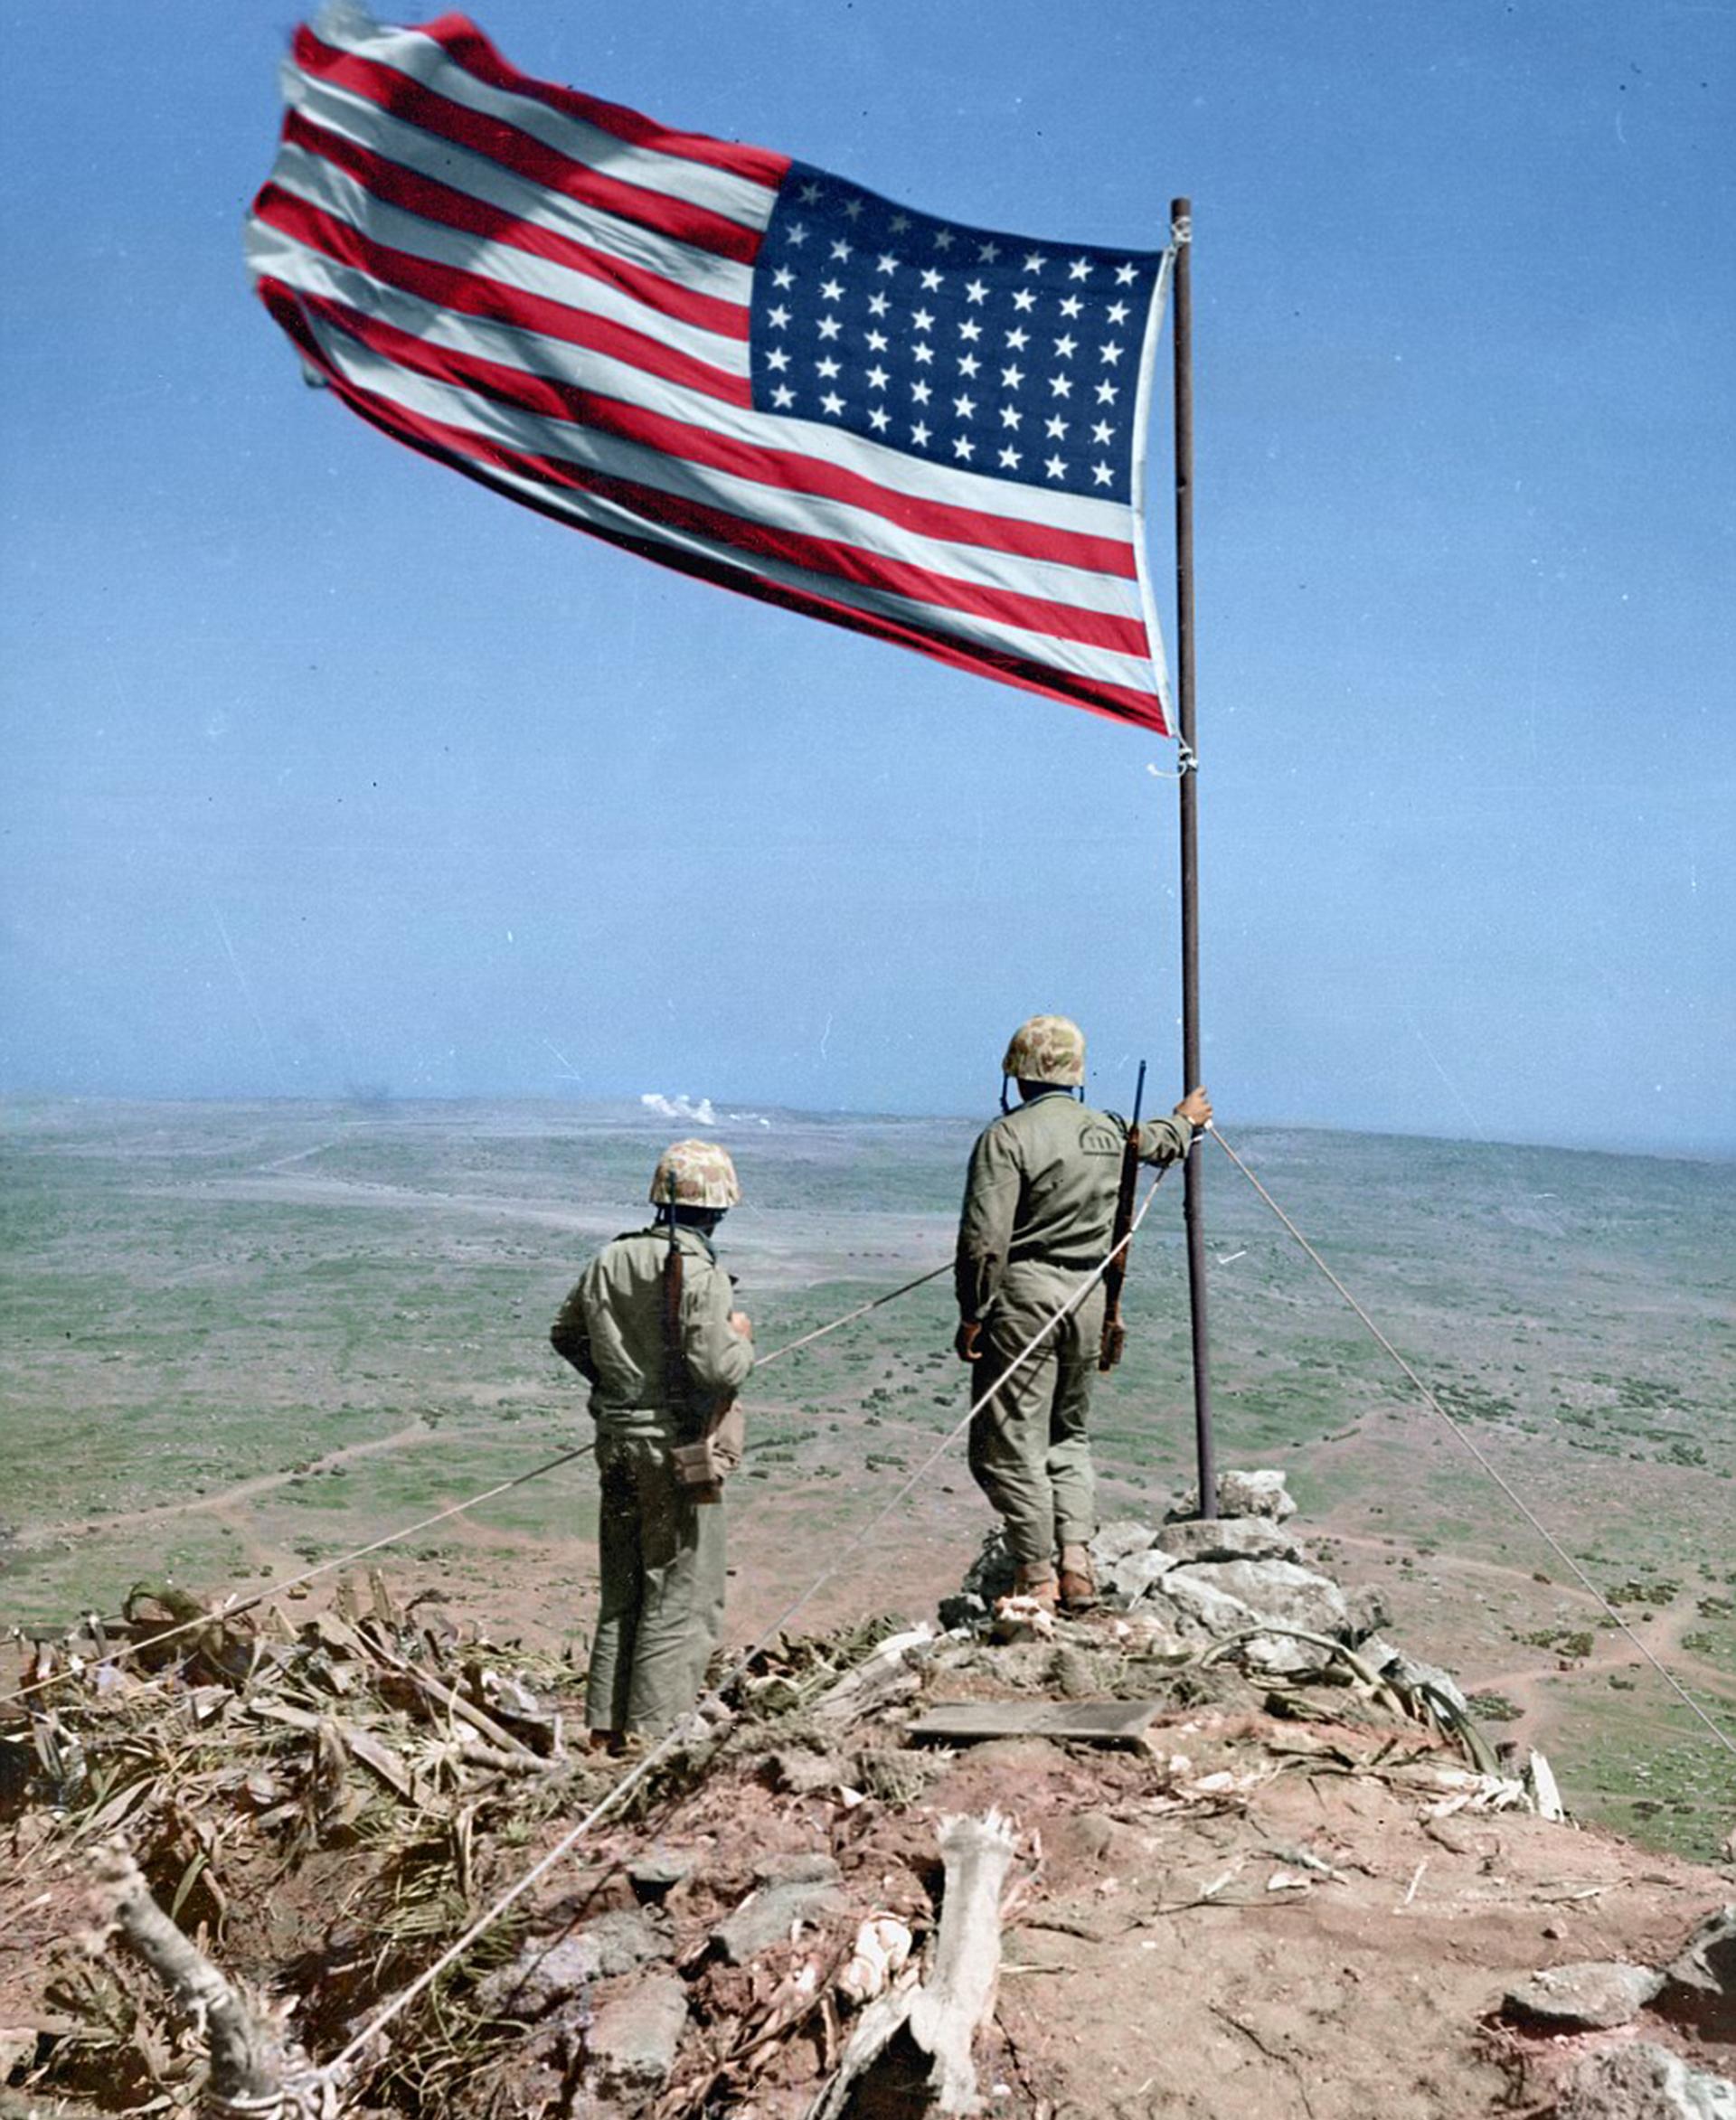 En el Mount Suribachui, Iwo Jima, flamea la bandera de los Estados Unidos